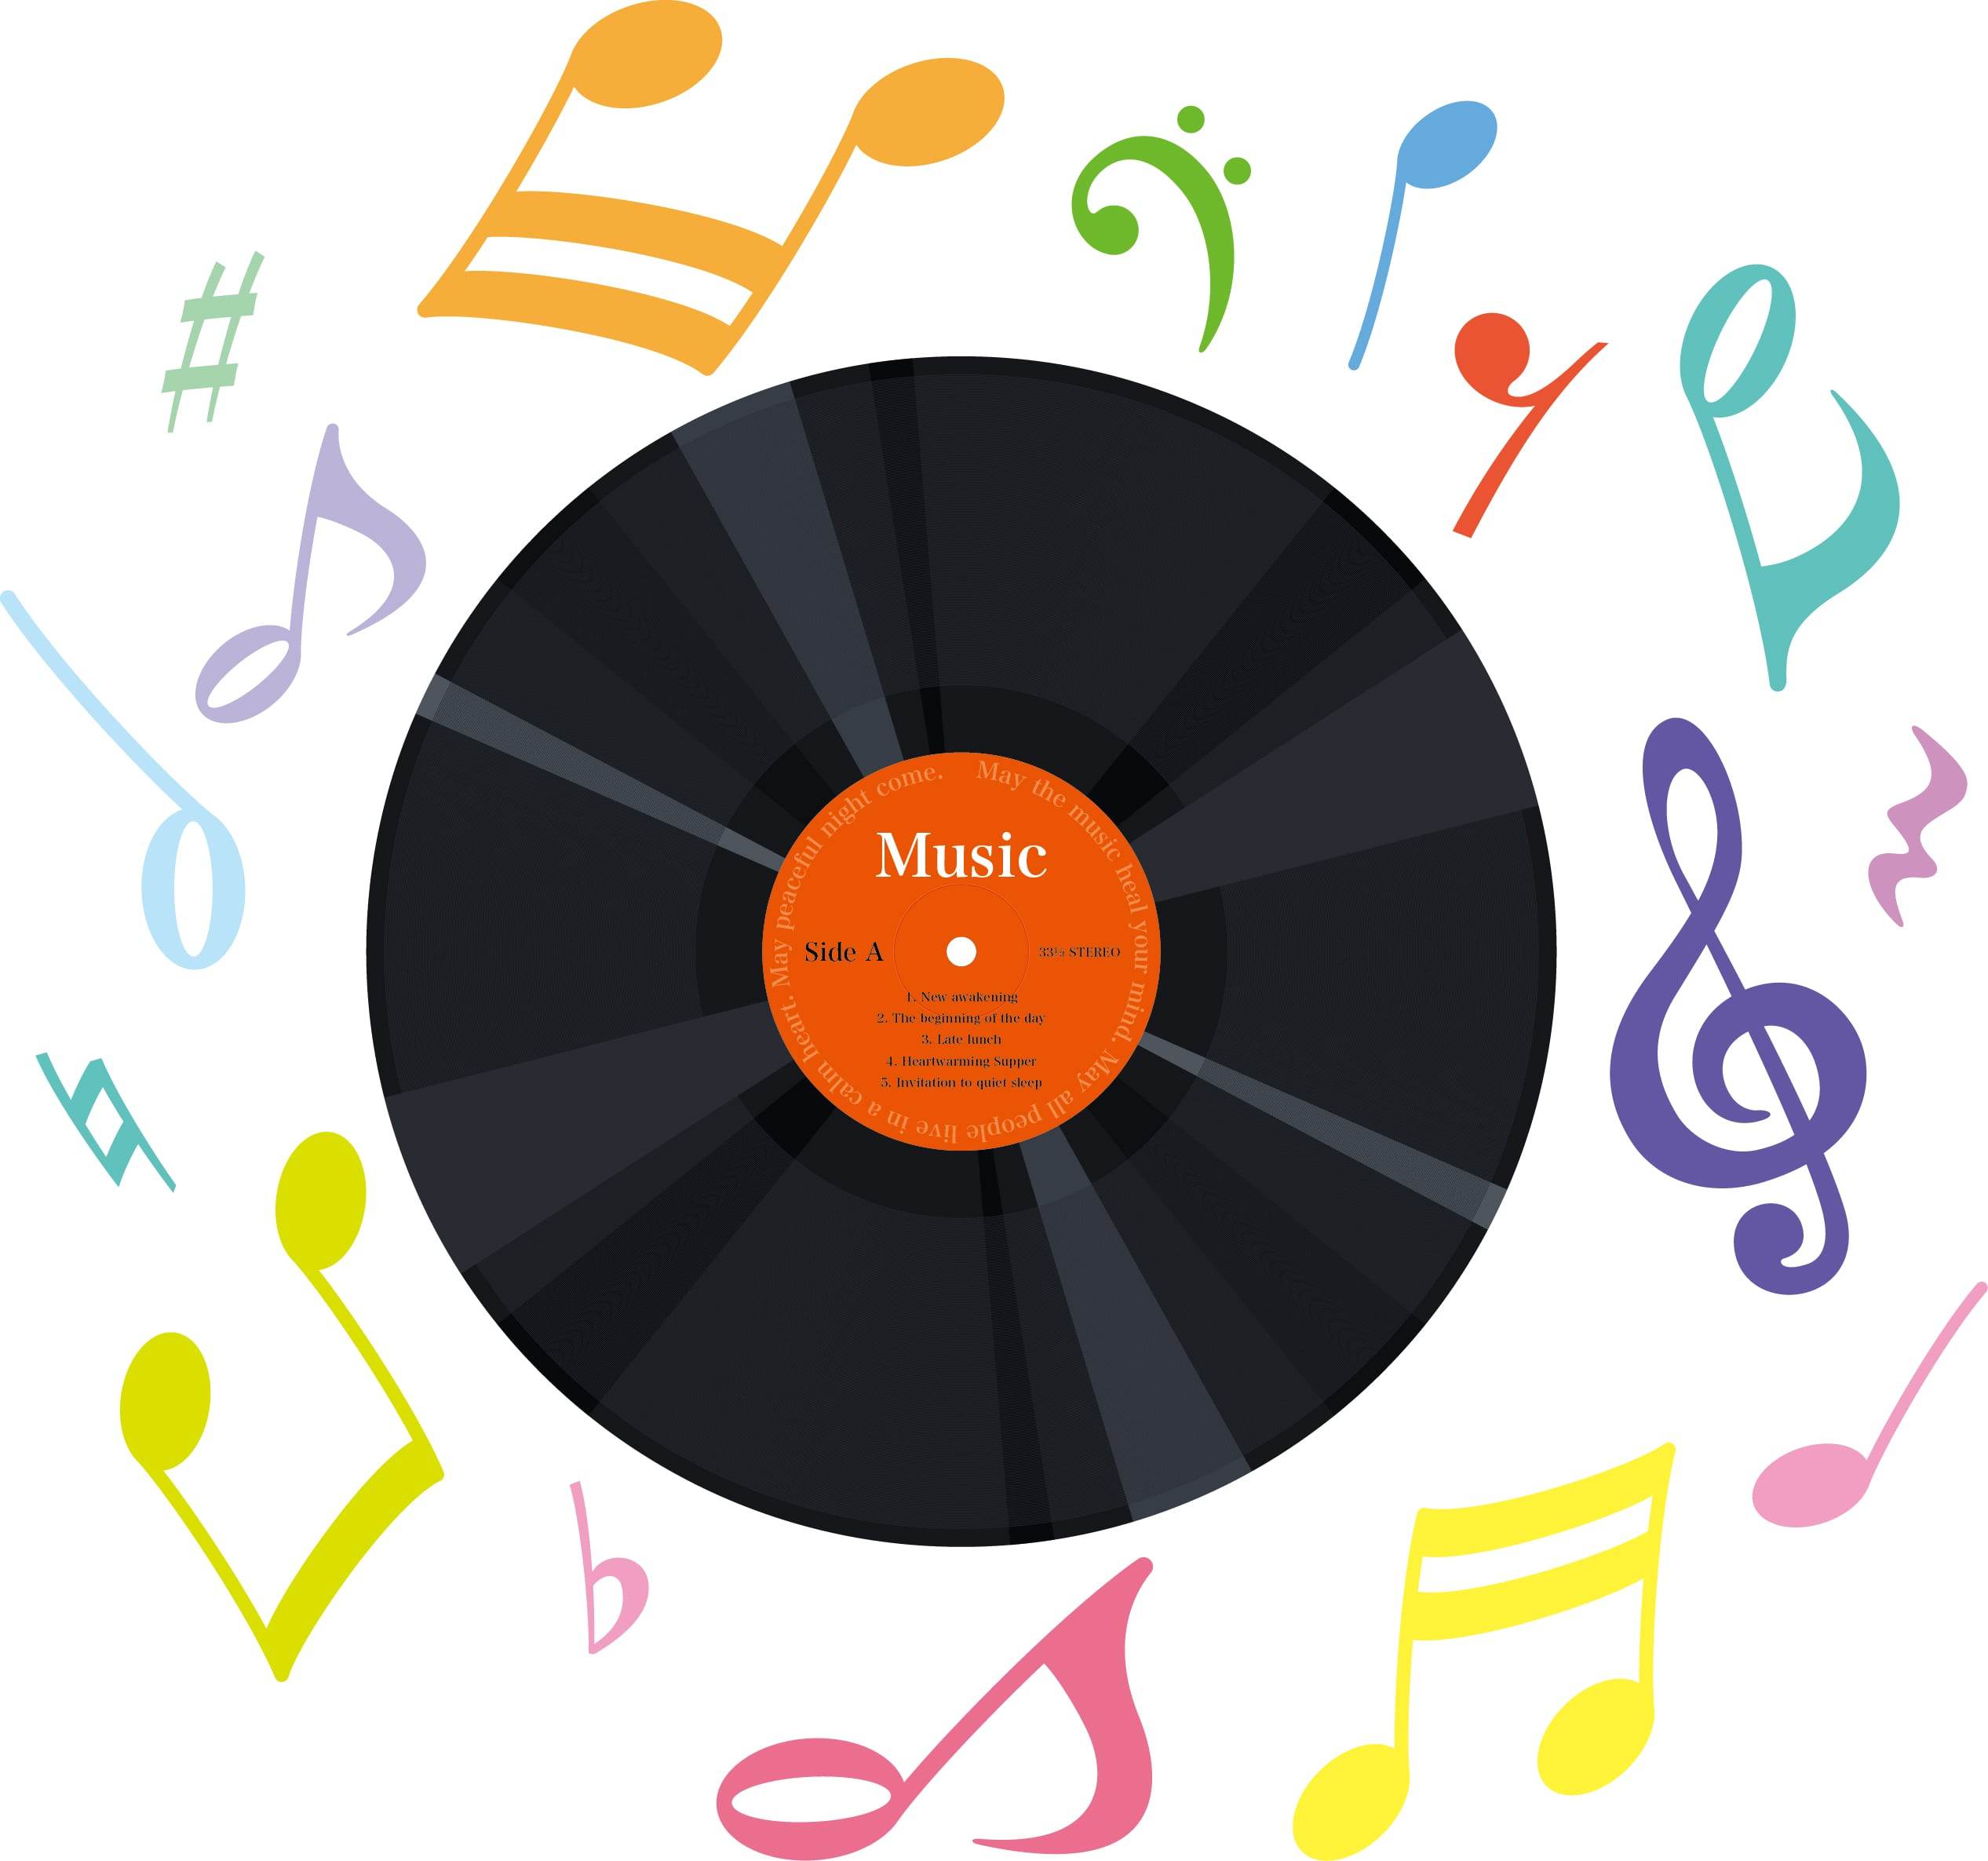 オリジナルCDを安く作る方法/自主制作の音楽CD